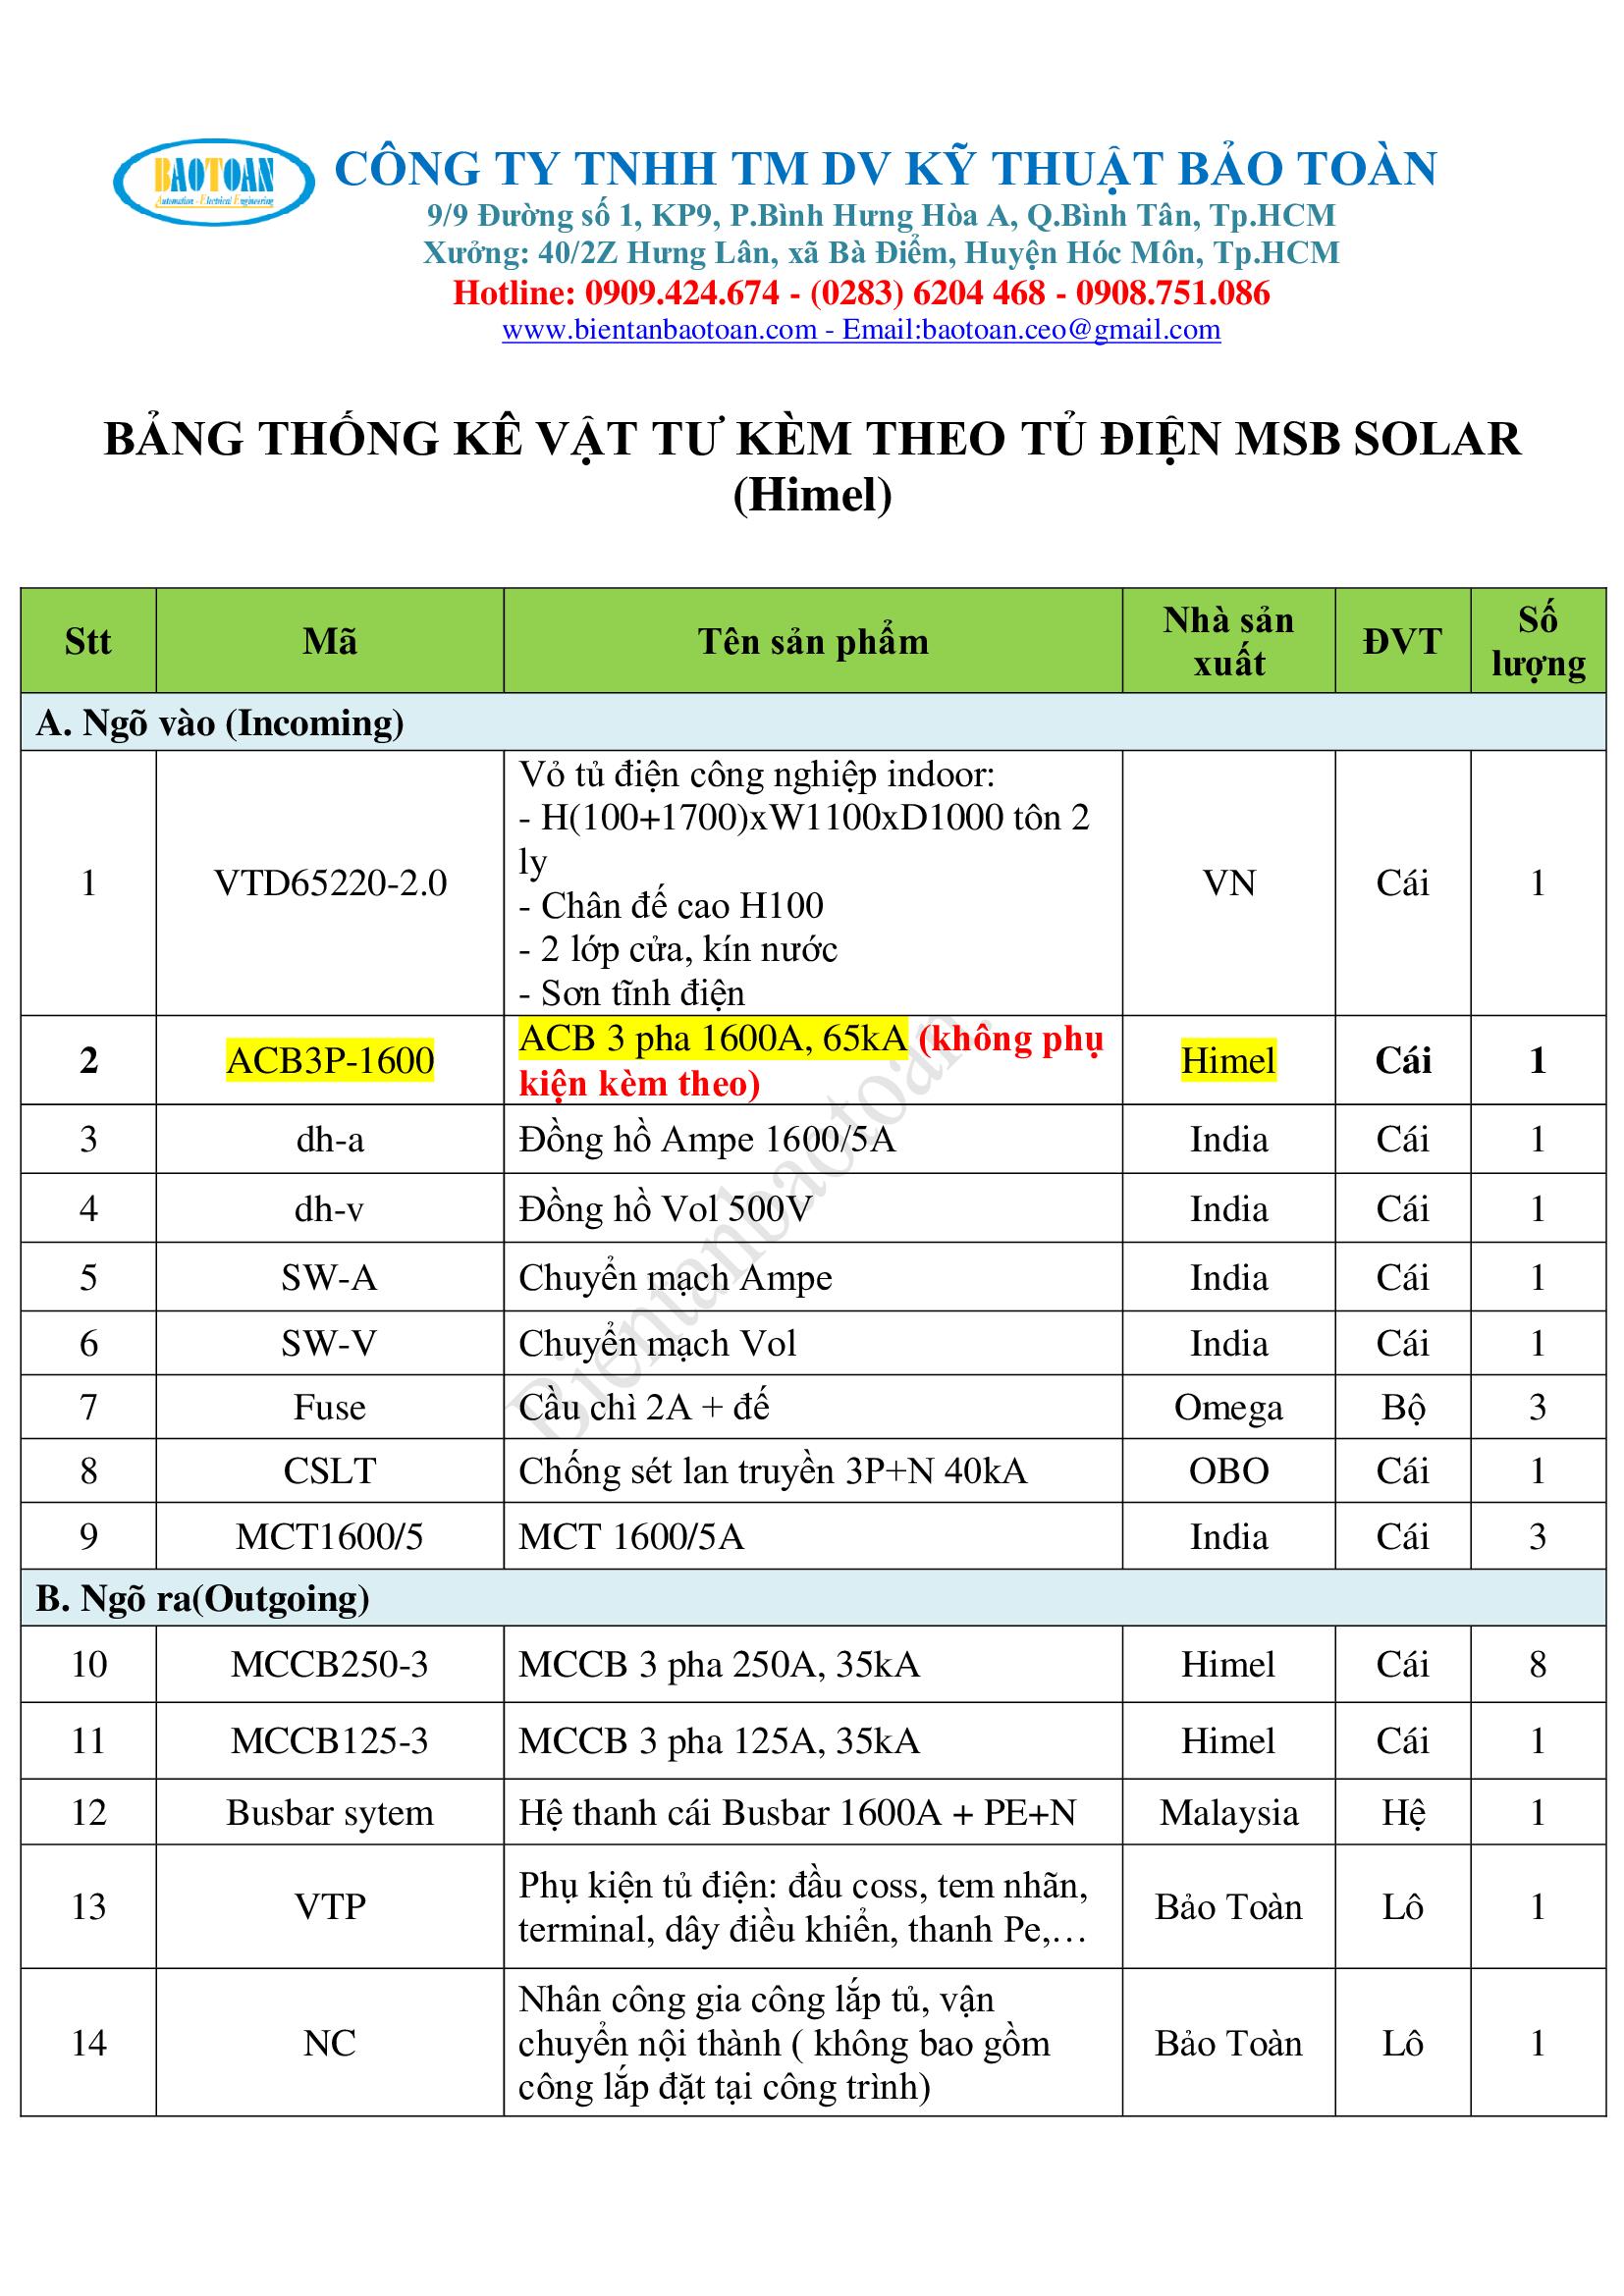 Bảng thống kê vật liệu kèm theo của Tủ điện AC Solar 1MWP (Himel)